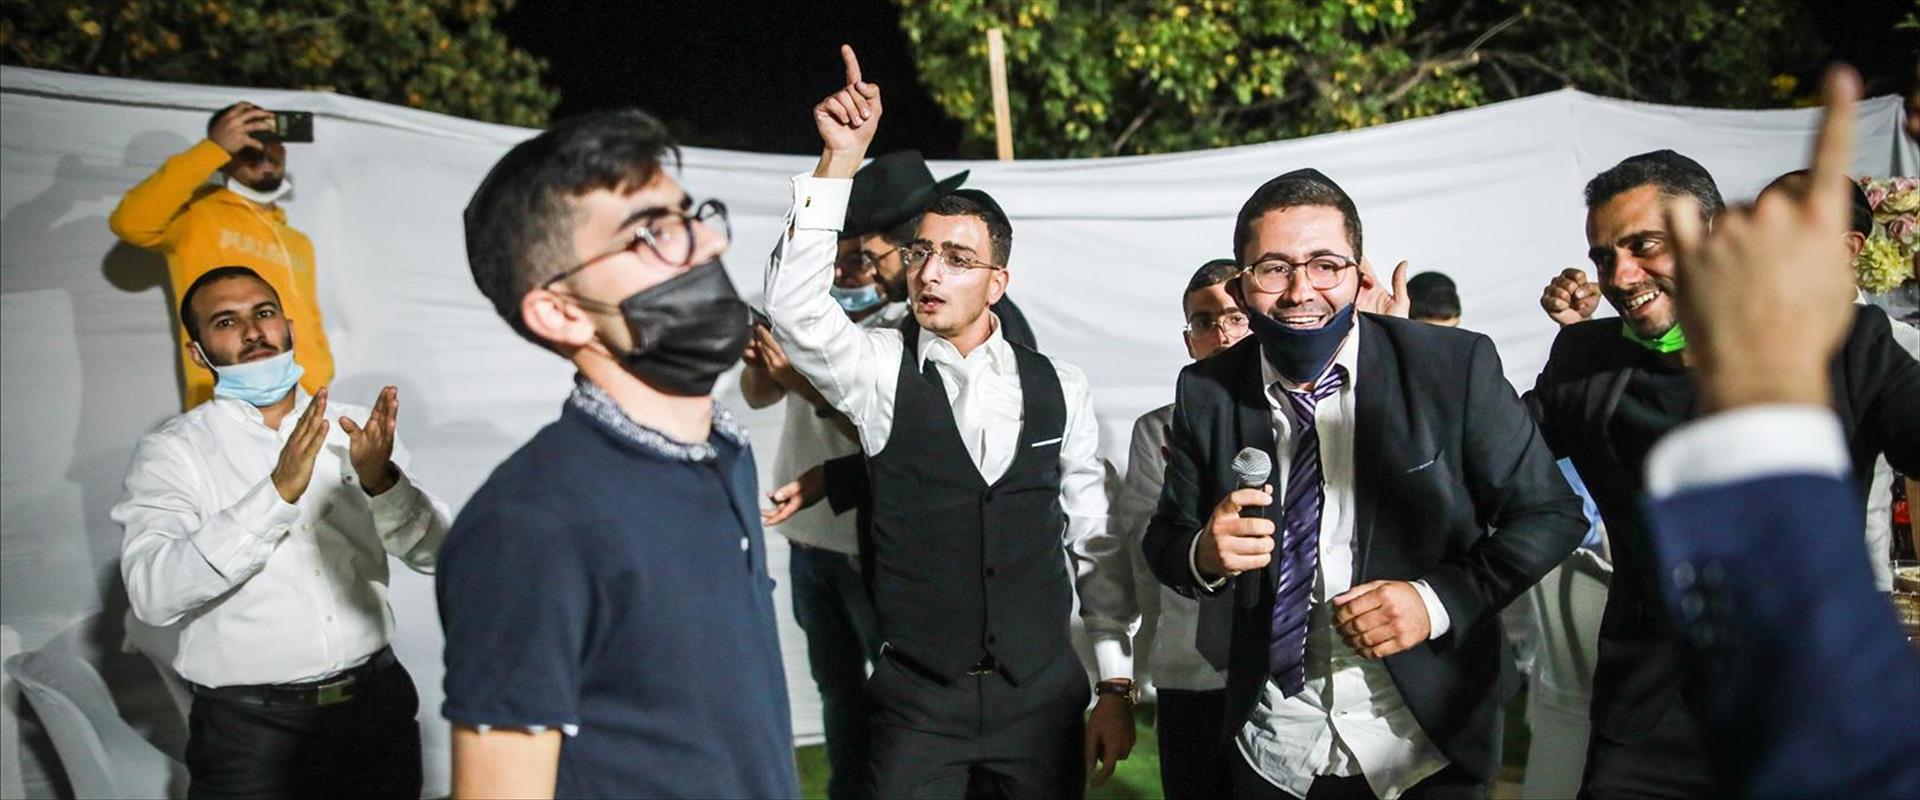 חתונה בגבעת זאב, אוקטובר 2020